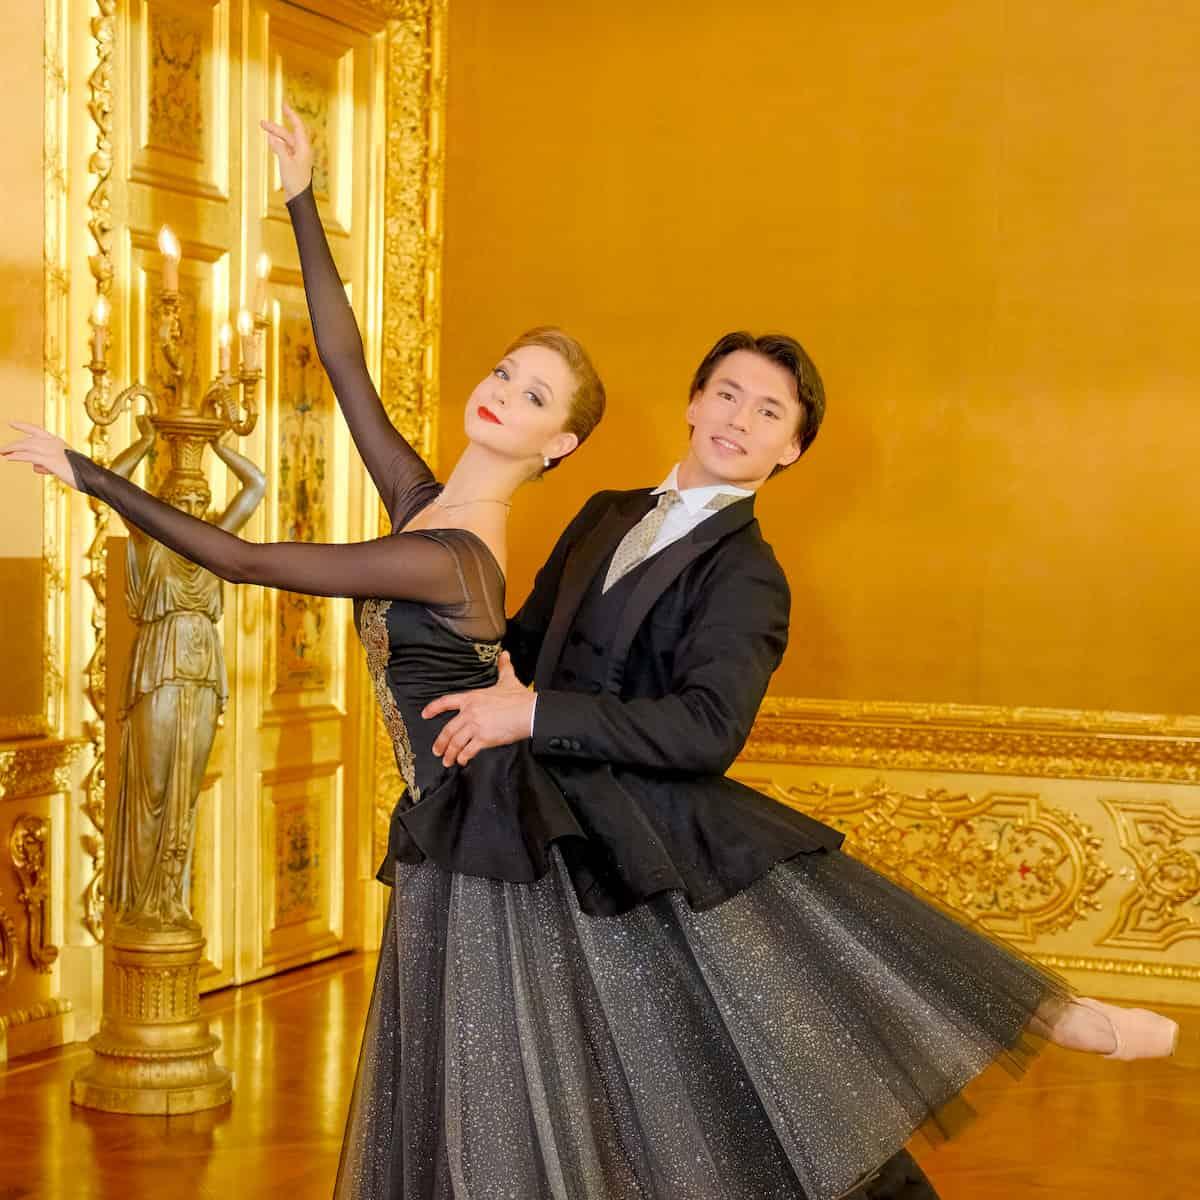 Madison Young und Robert Gabdullin als Tänzer beim Ballet zum Neujahrskonzert 2020 der Wiener Philharmoniker